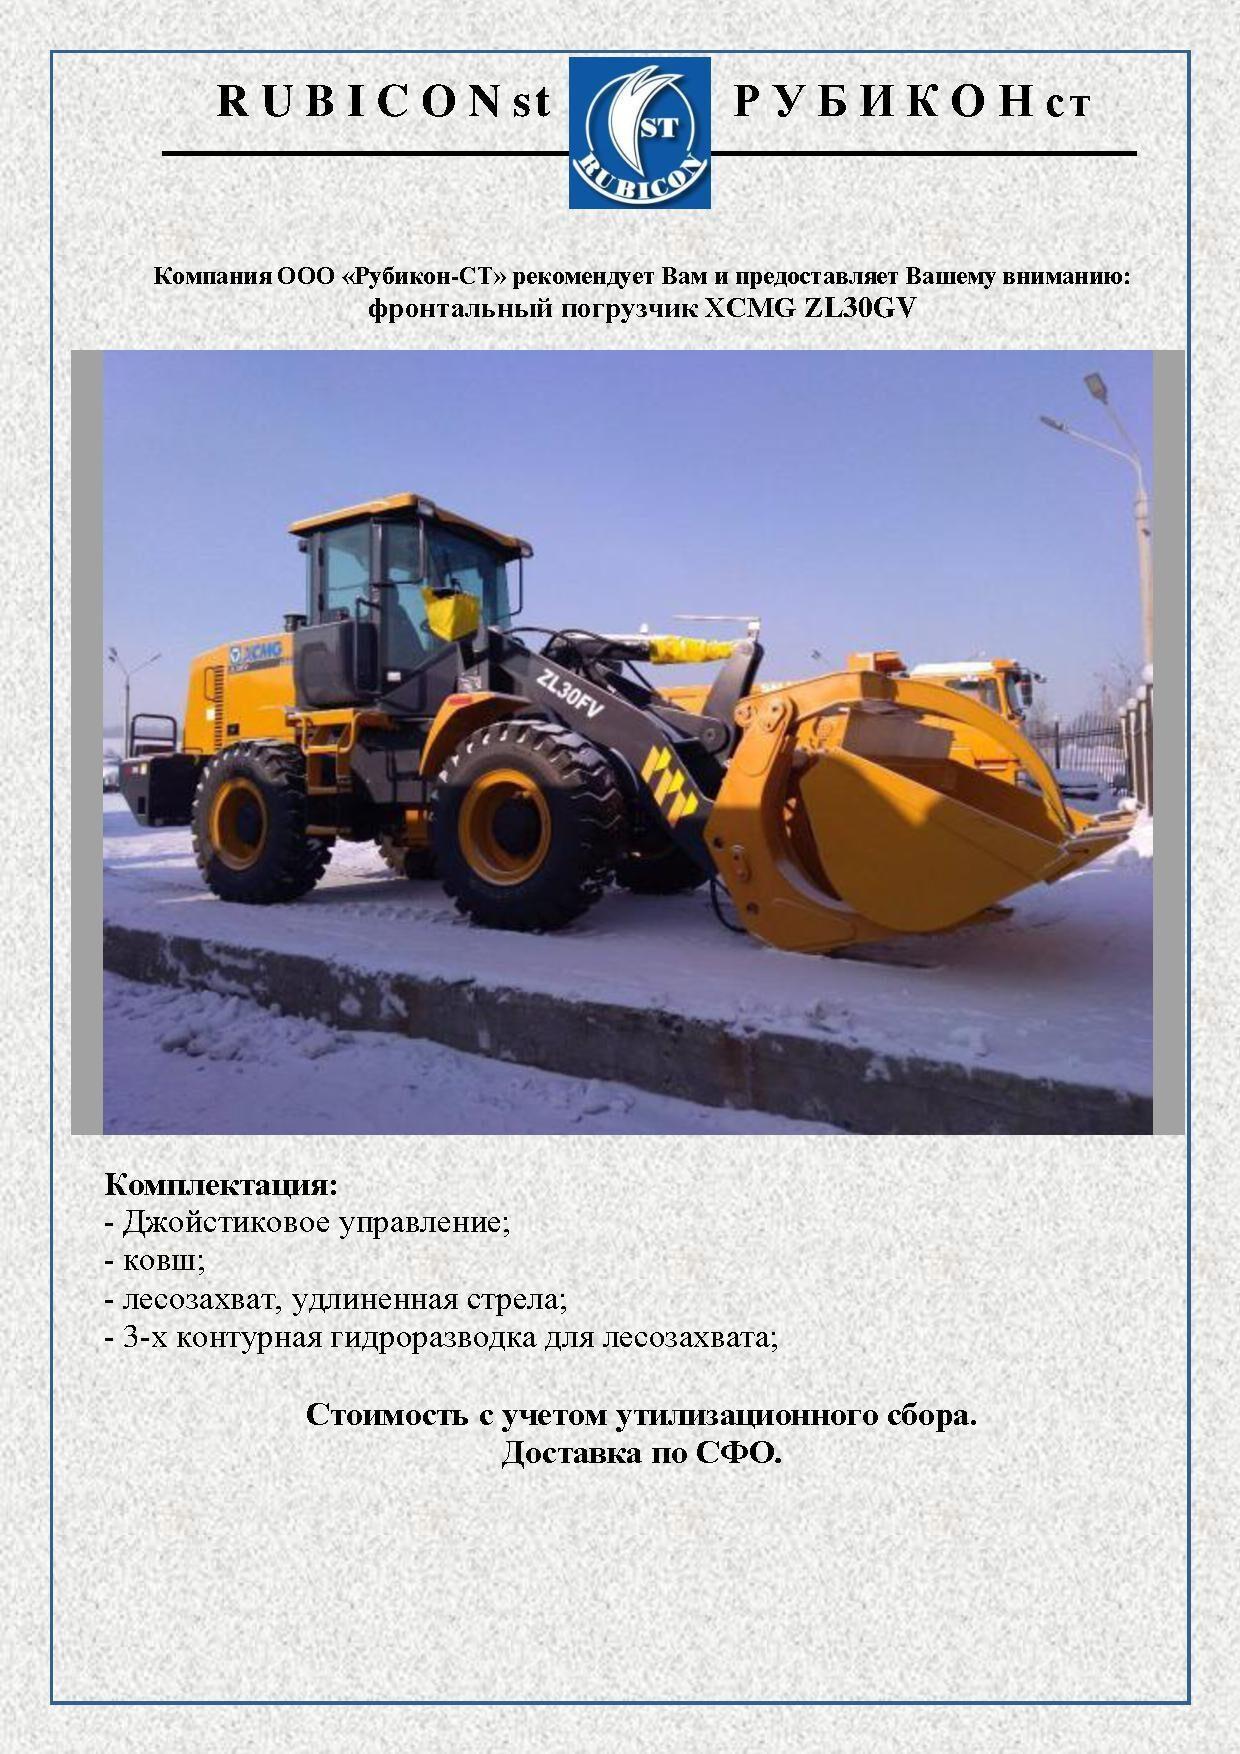 ZL30GV 1